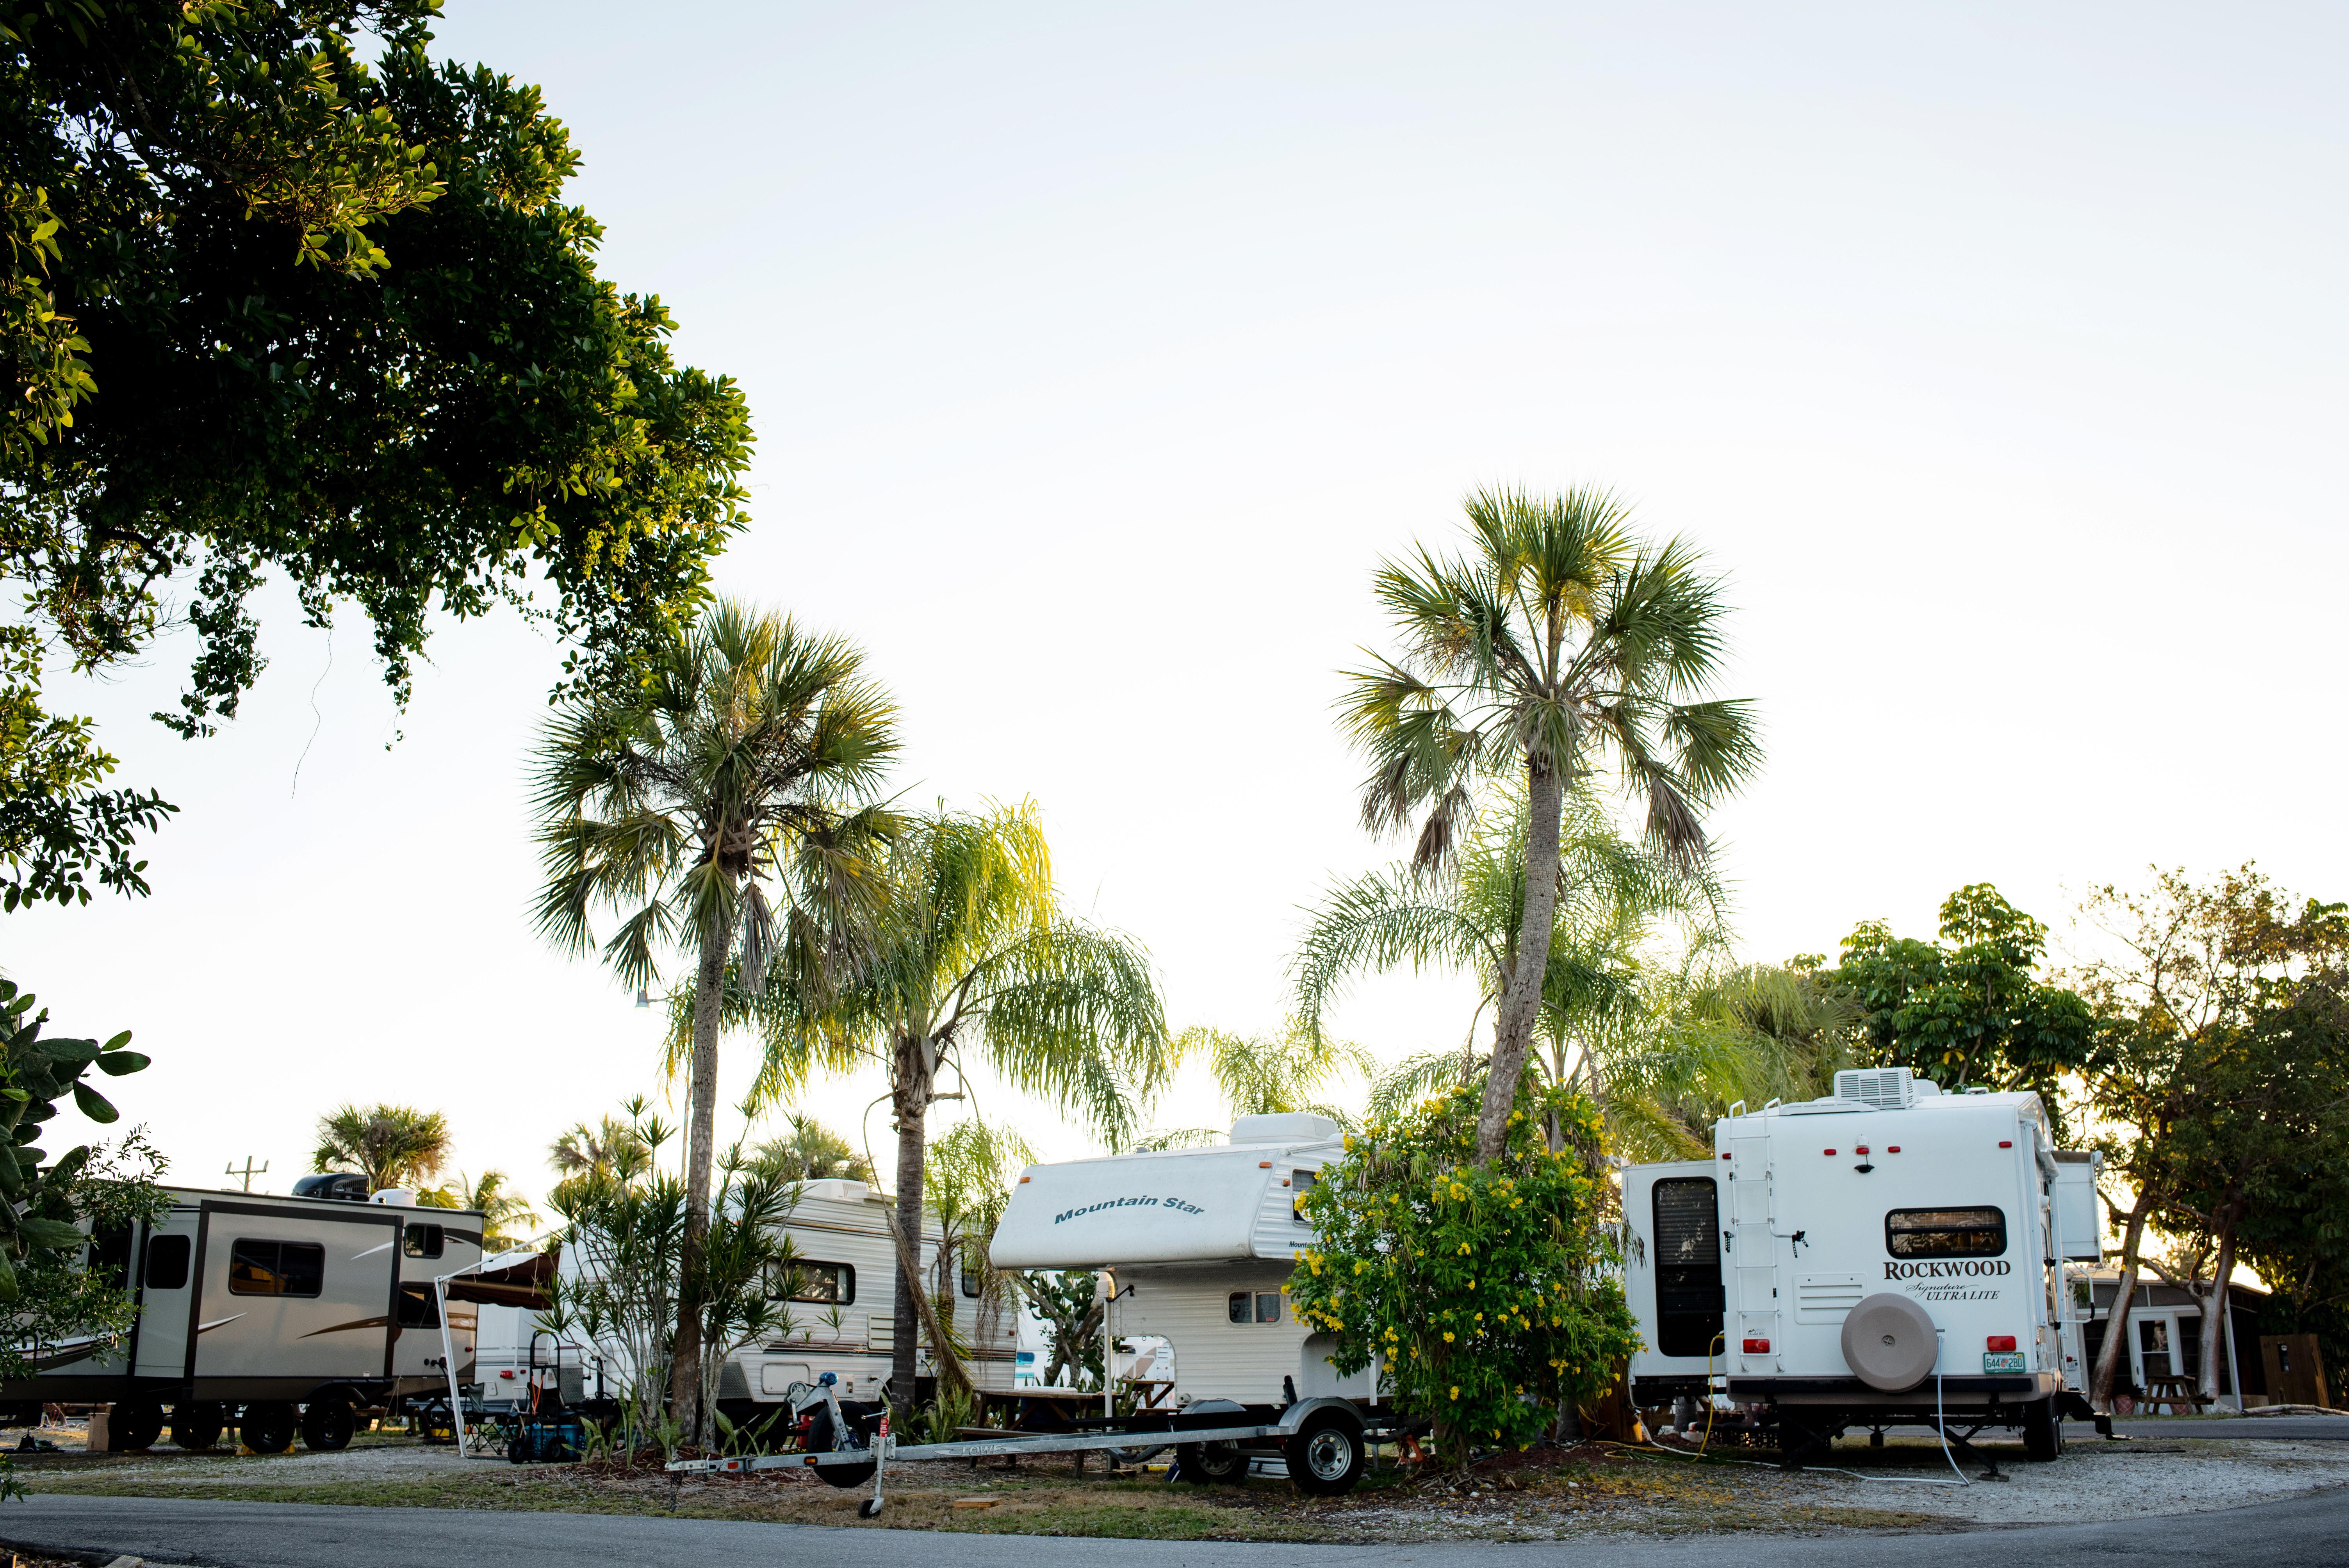 RV's enjoy easy access to the marina.